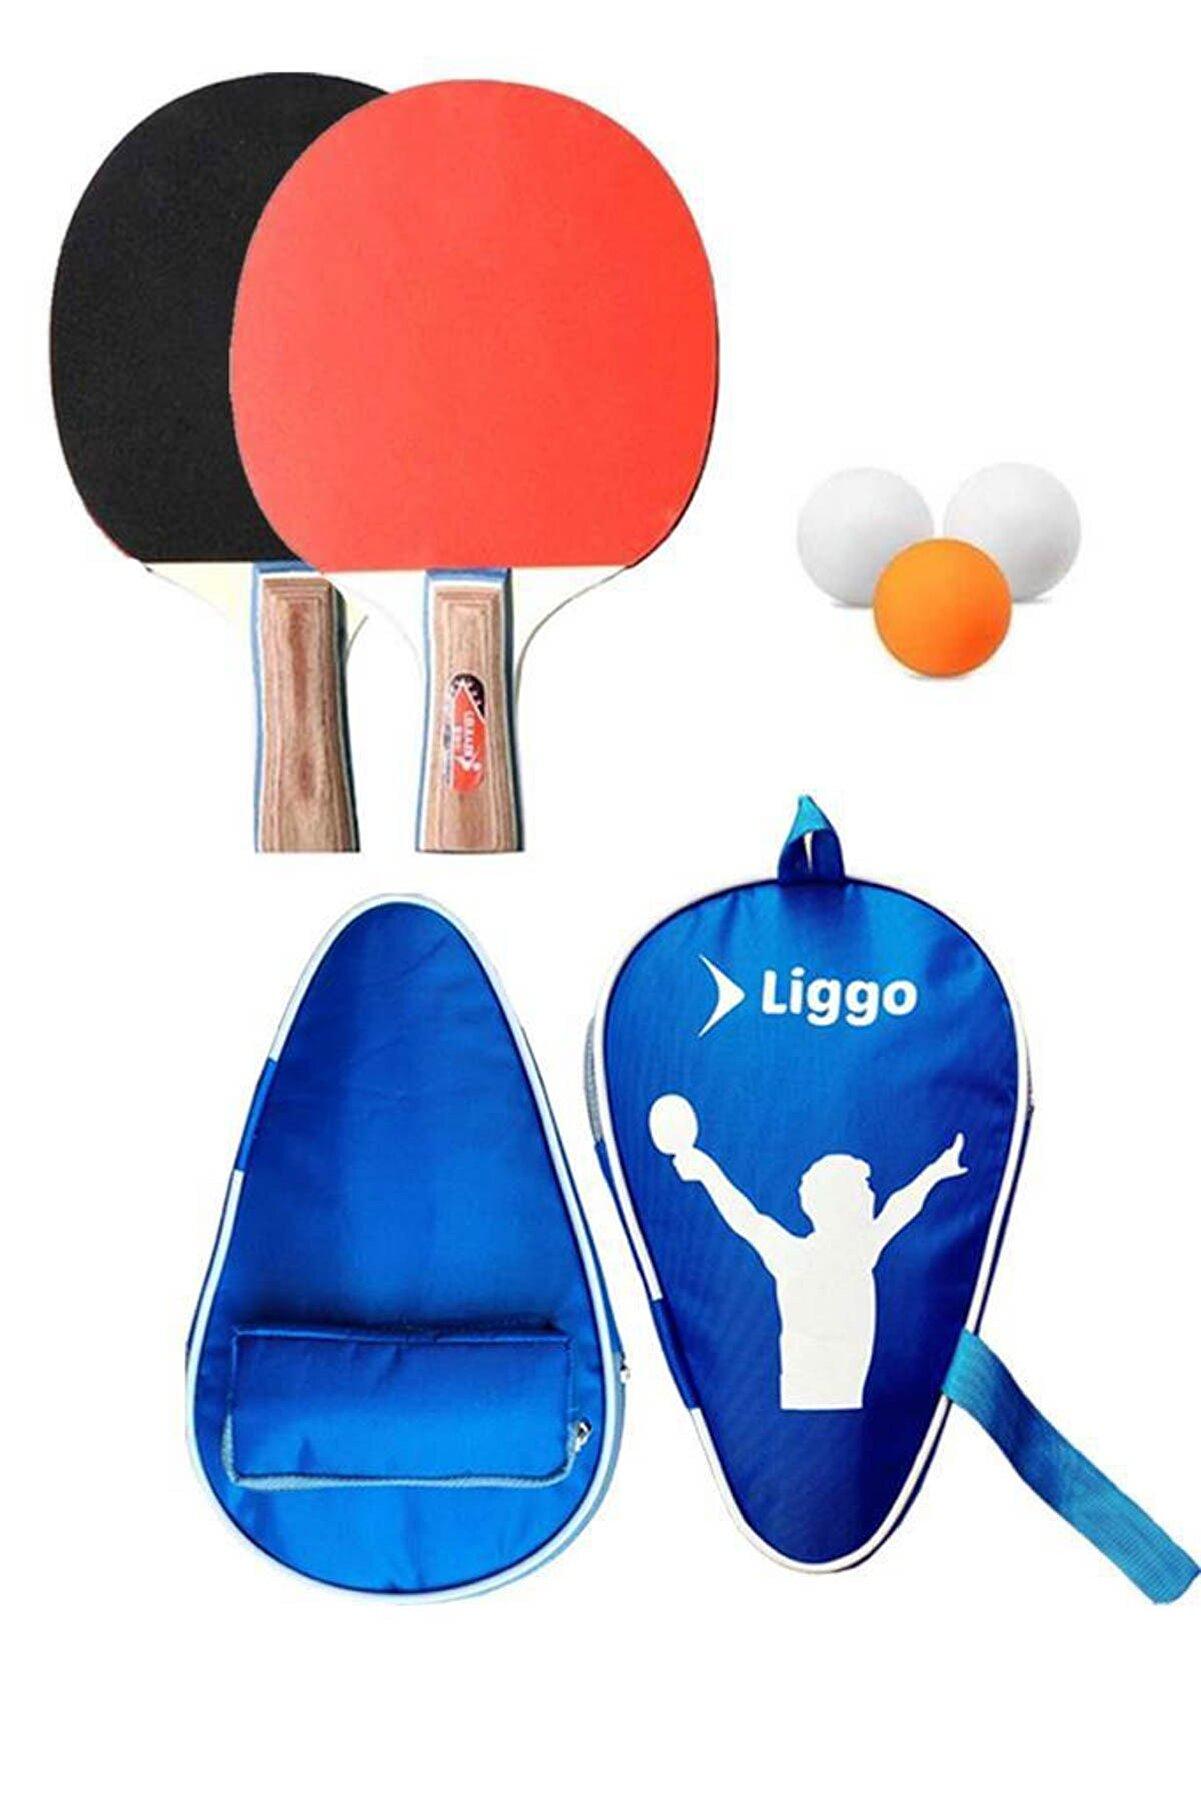 Liggo Masa Tenisi Raketi Seti 2 Raket 3 Top Taşıma Çantası Hediyeli